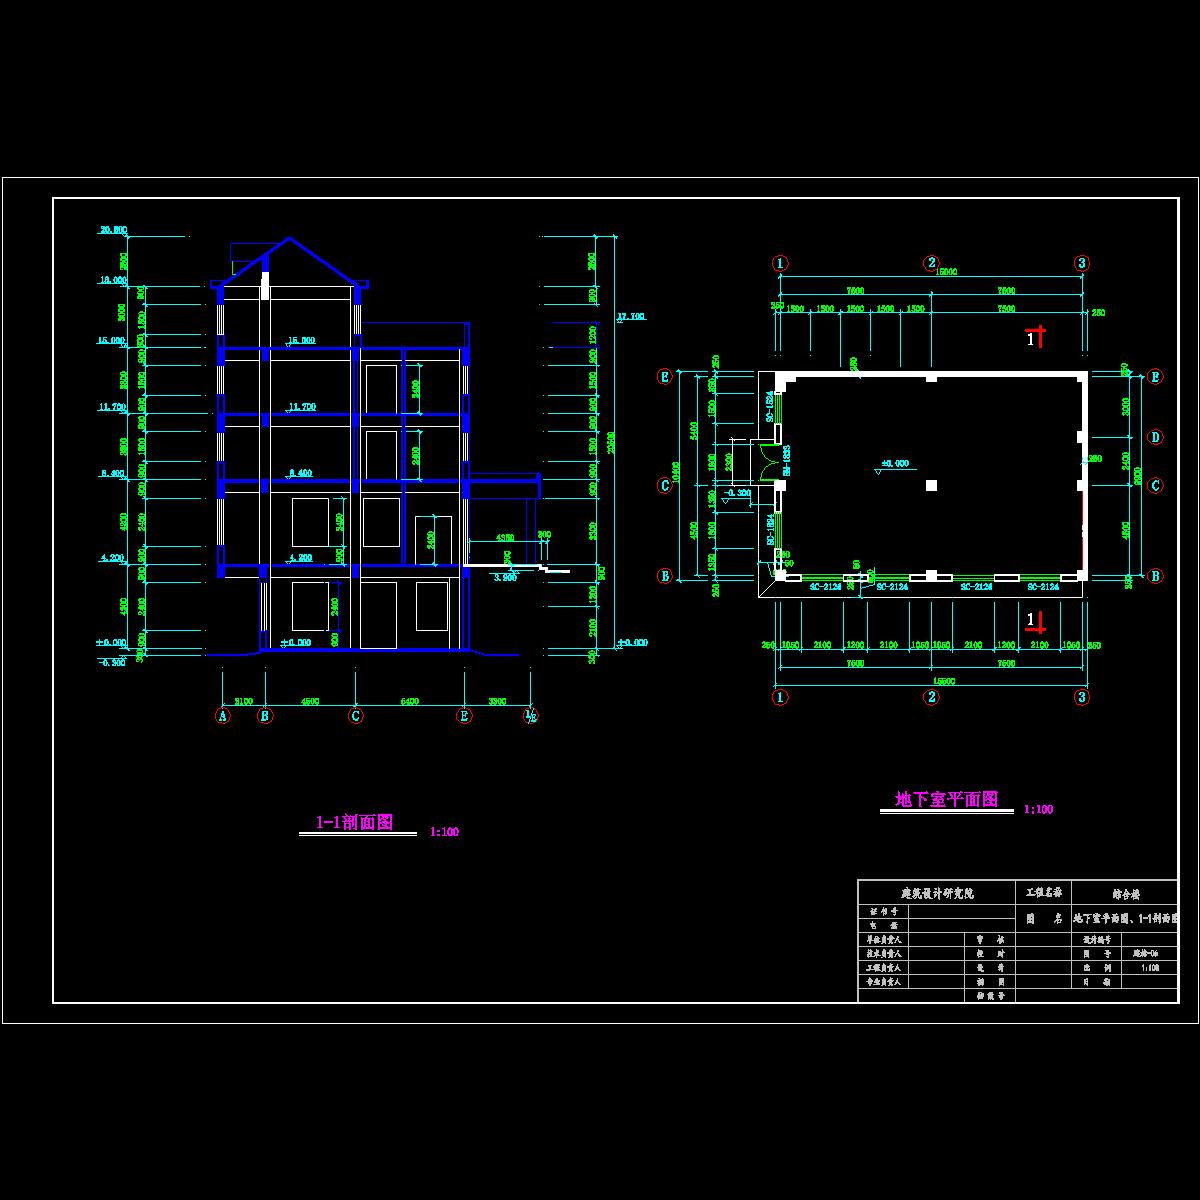 j-06建筑地下室平面图、1-1剖面图.dwg